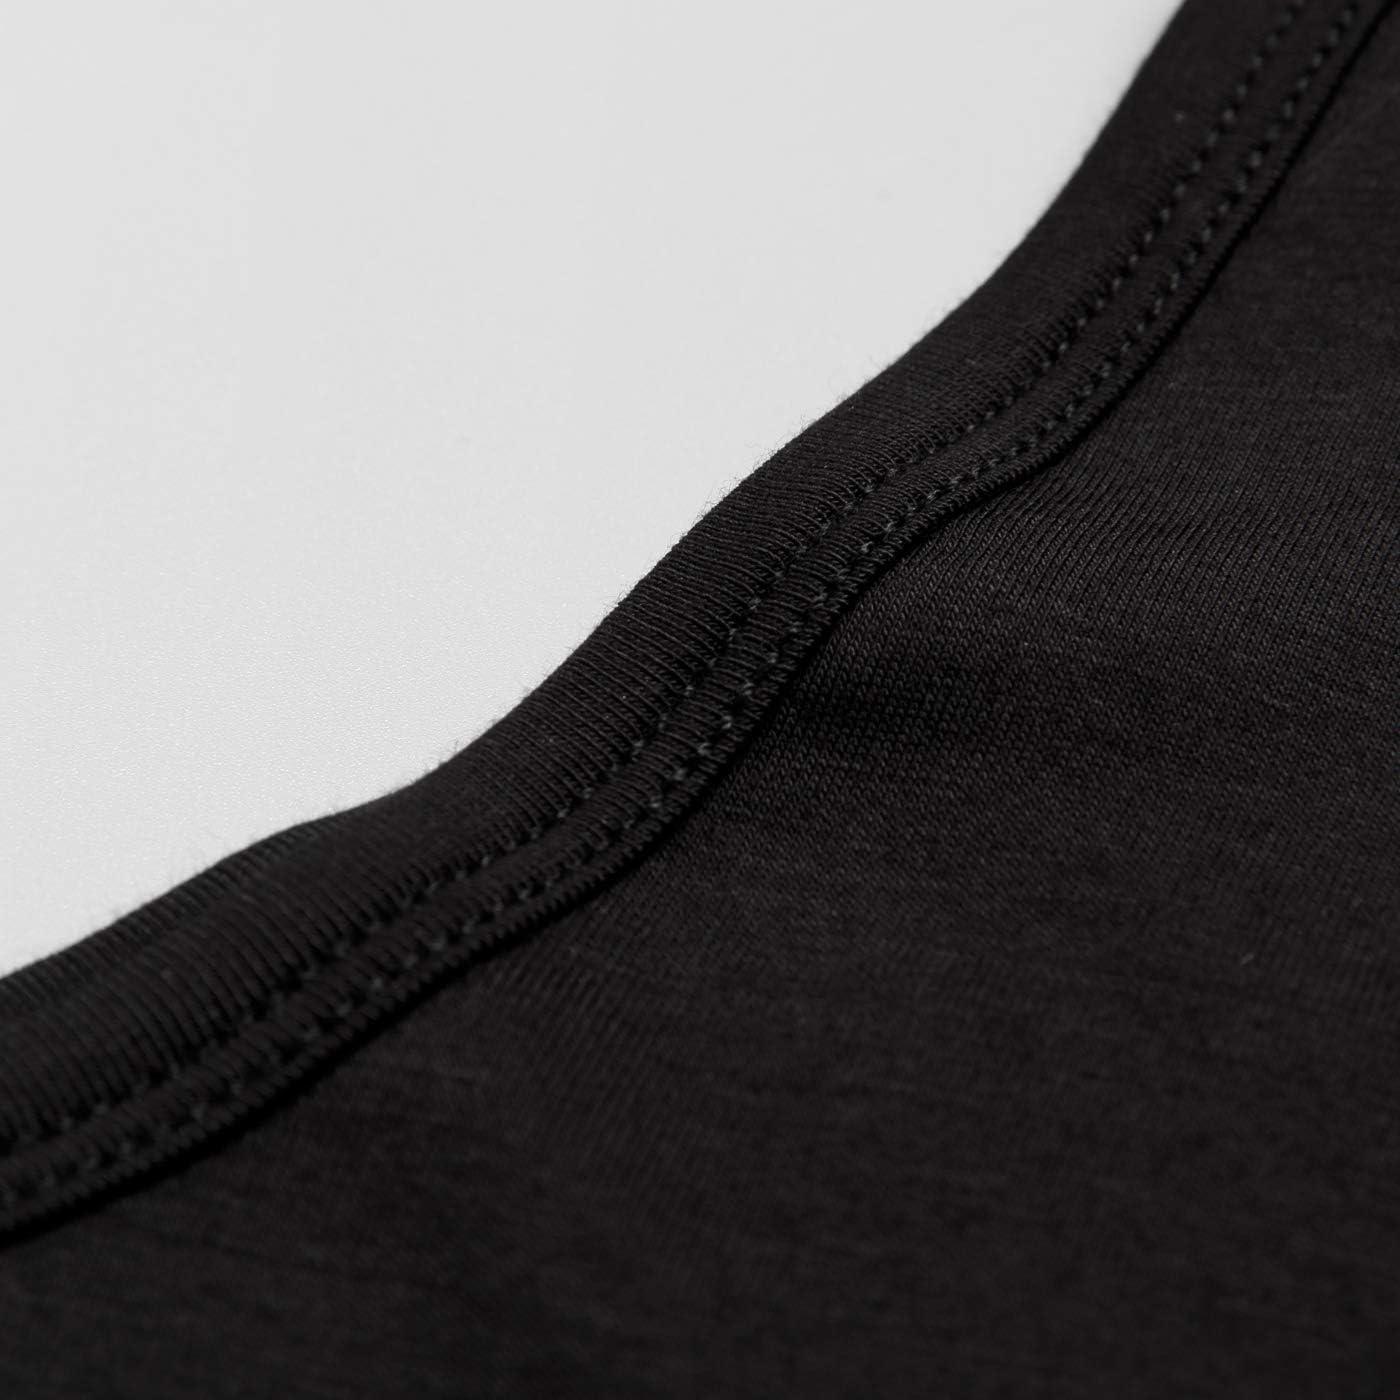 Mcilia Damen Ultrad/ünnes Thermo-Unterhemd aus Modal mit Rundhalsausschnitt und langem /Ärmel